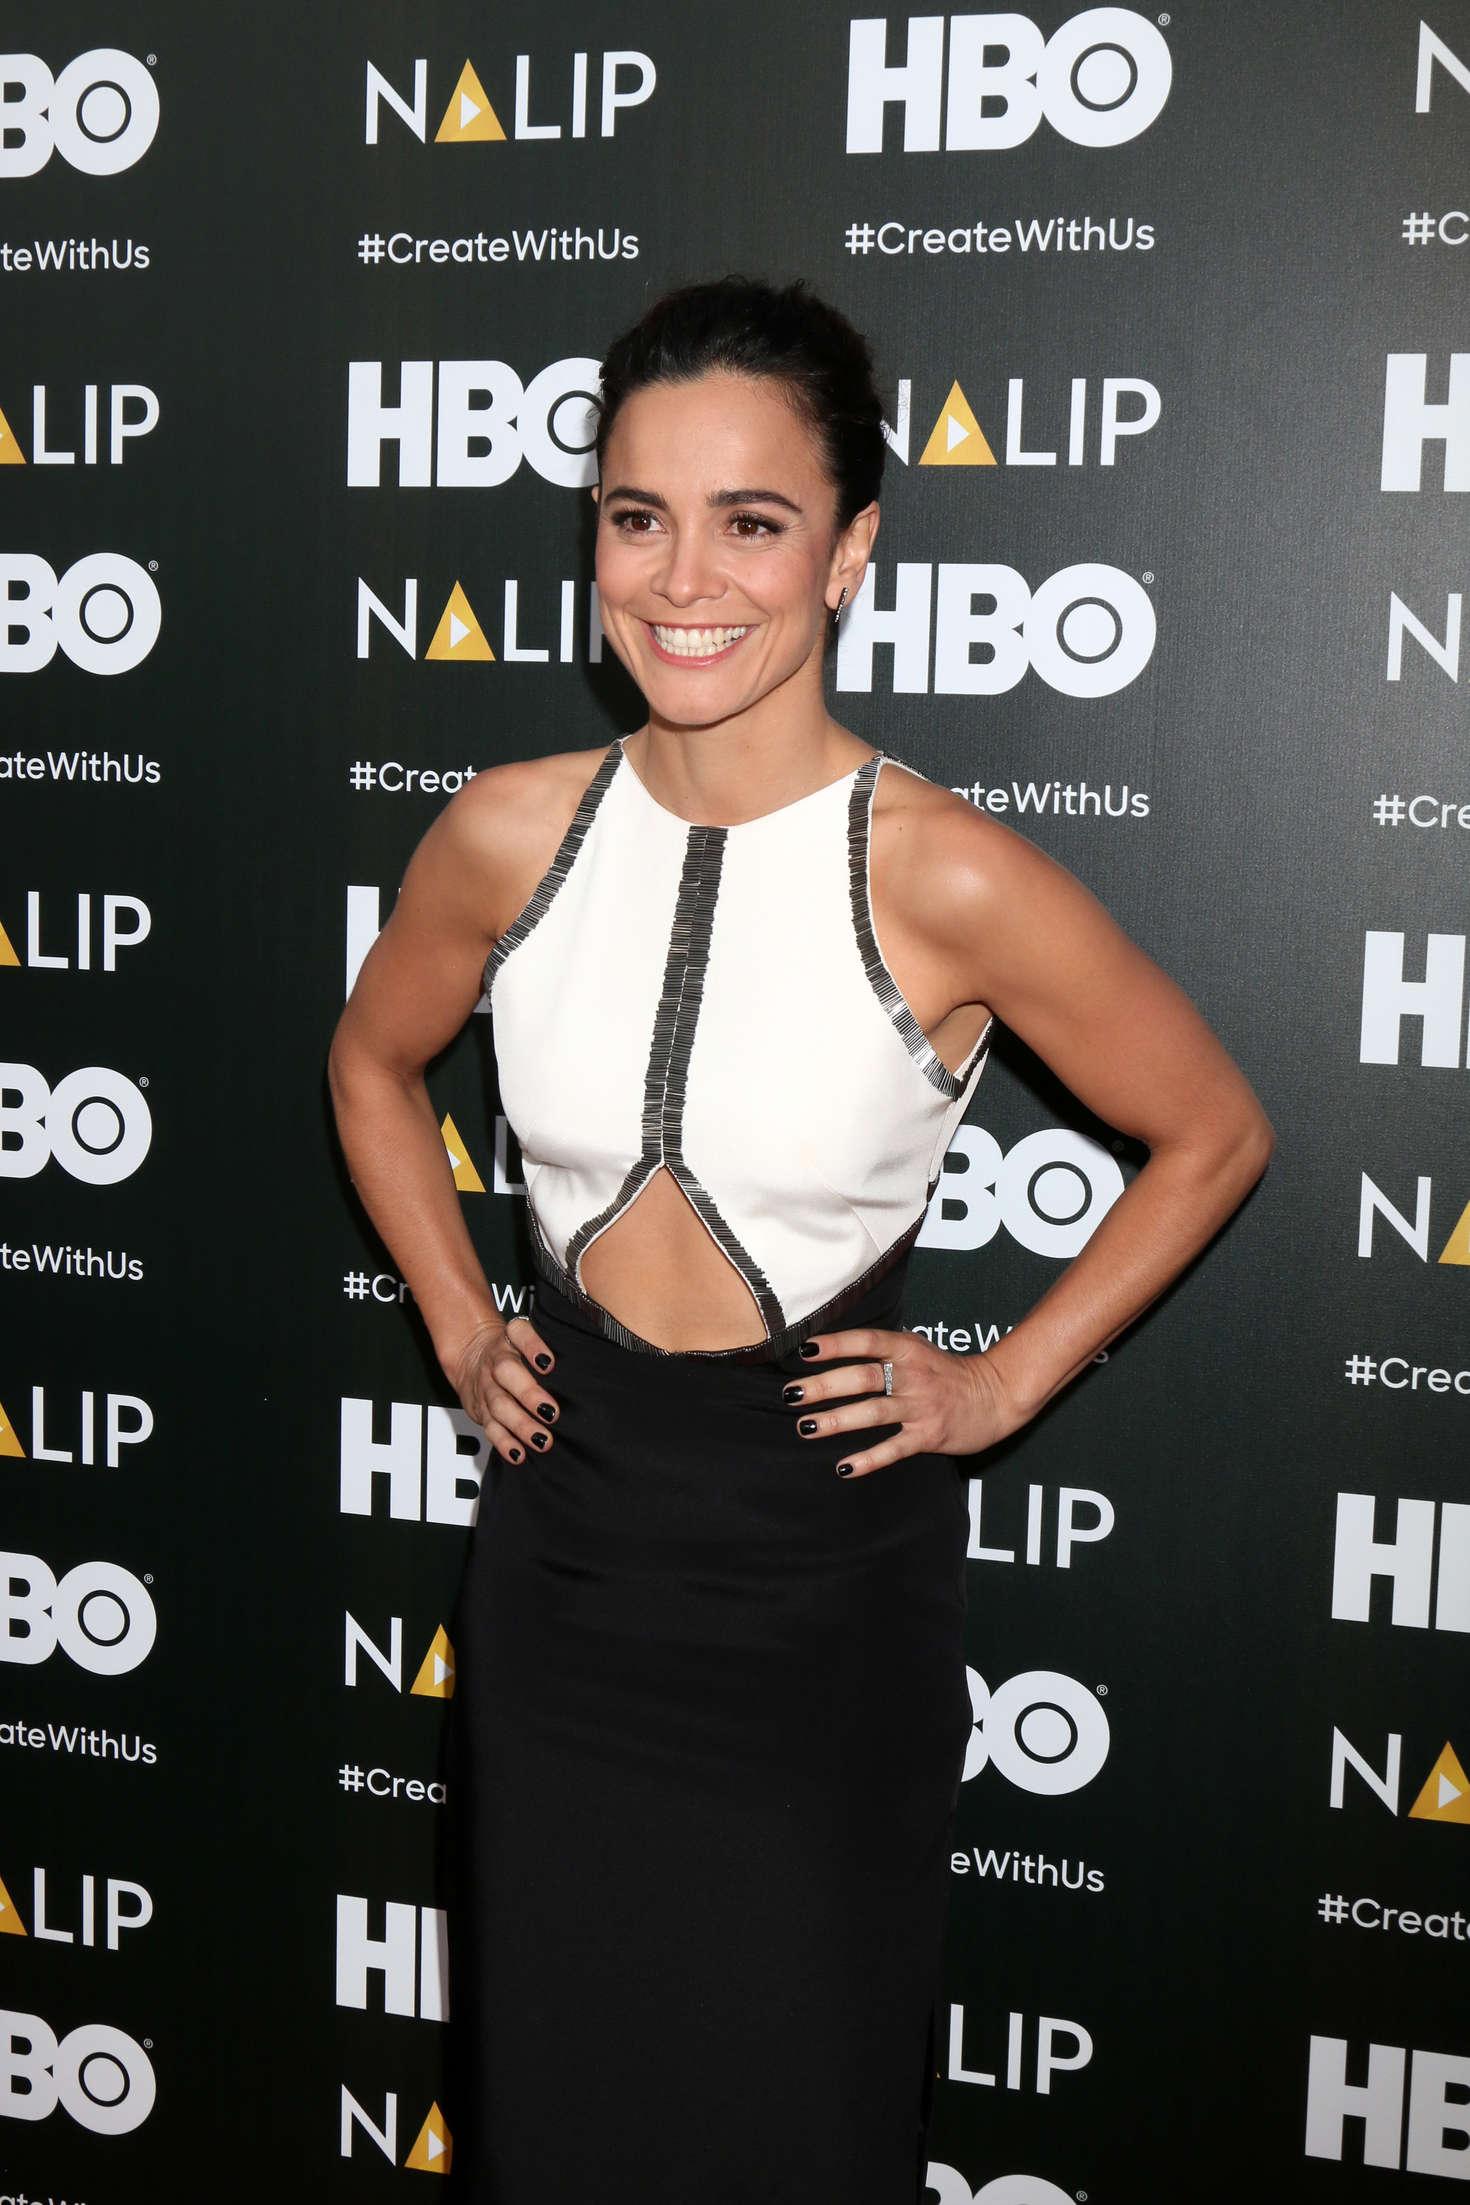 Alice Braga - NALIP 2016 Latino Media Awards in Los Angeles